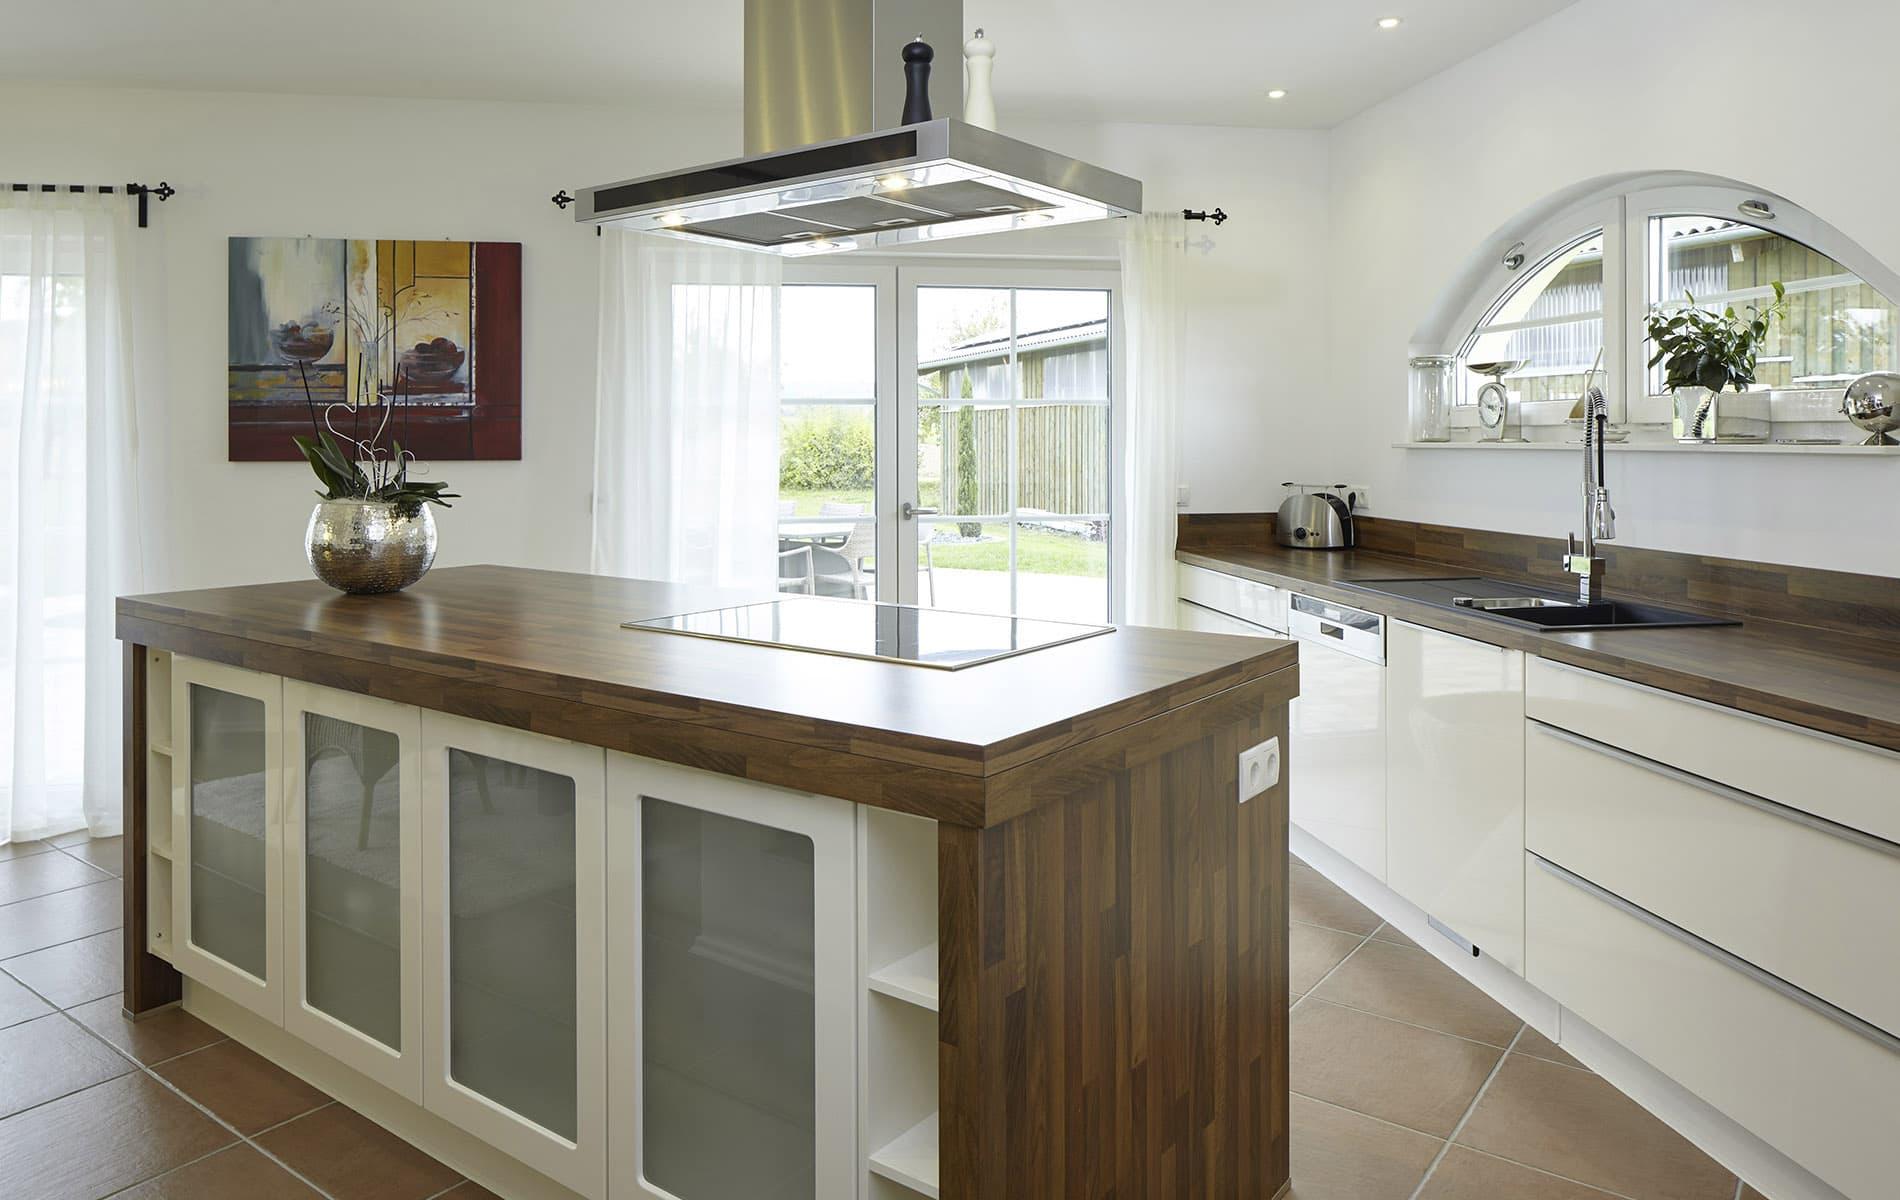 Viel Arbeitsfläche in der Küche